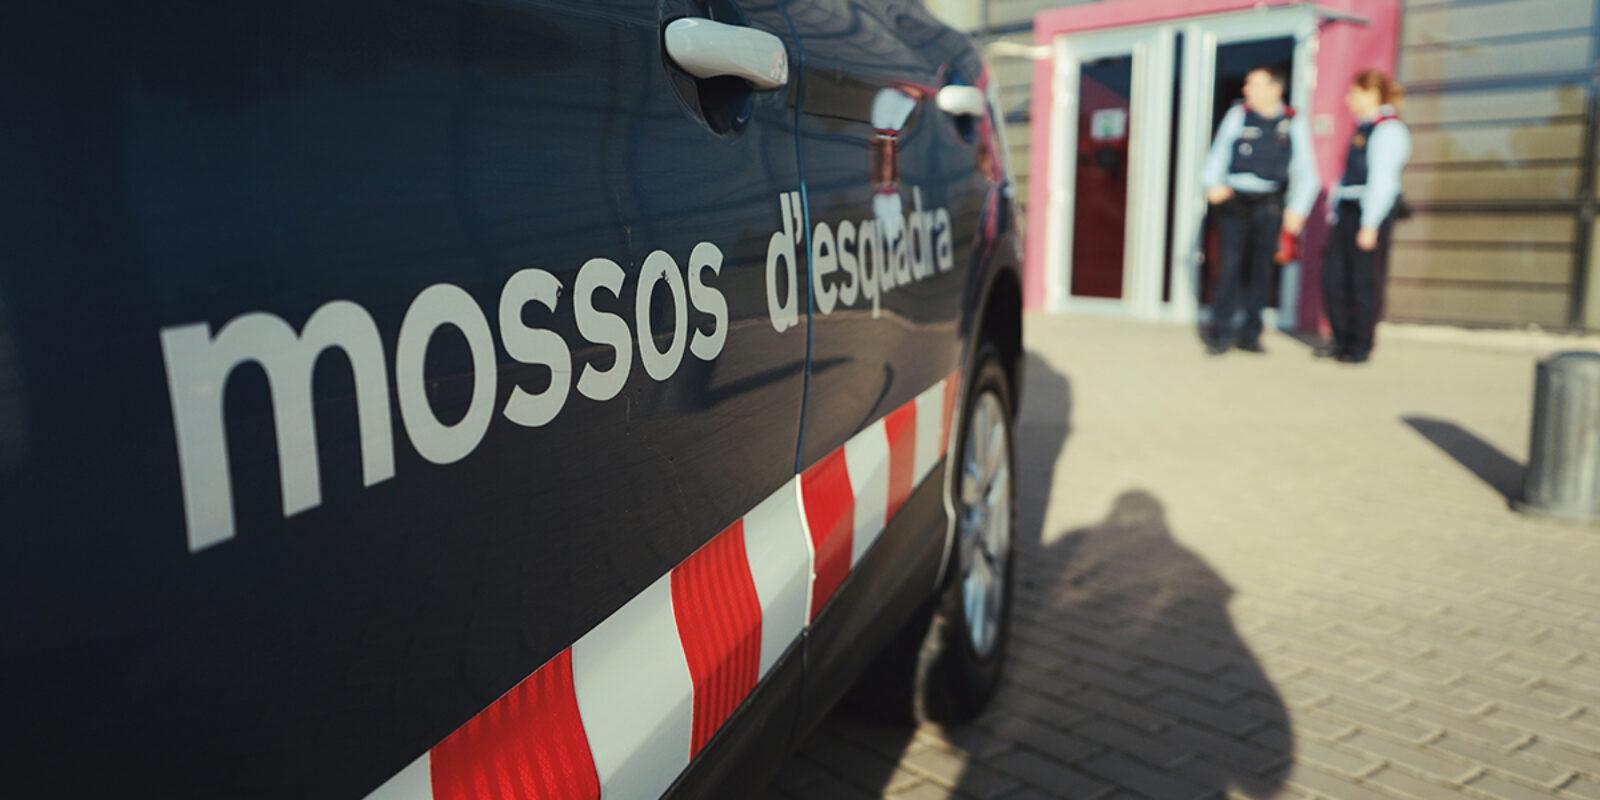 Imatge d'arxiu dels Mossos davant dependències policials / Mossos d'Esquadra